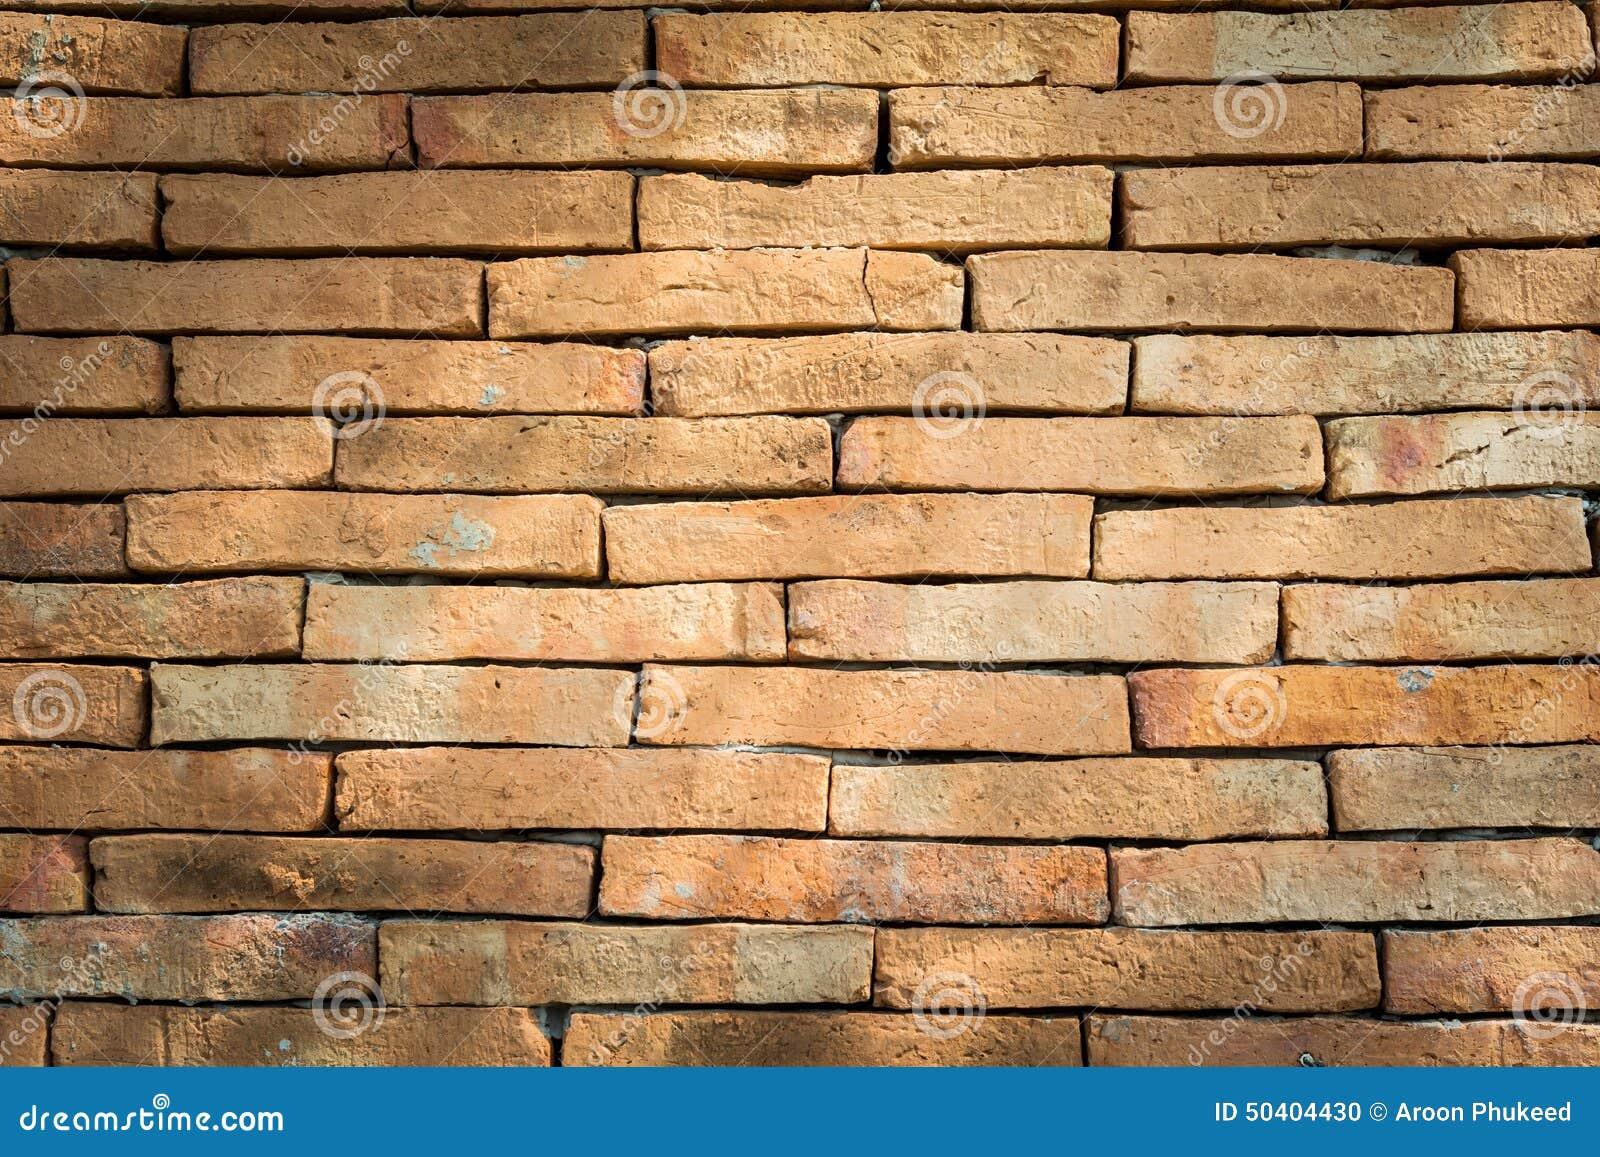 Hintergrund Der Alten Backsteinmauerbeschaffenheit Stockfoto   Bild von kleber, grungy 50404430